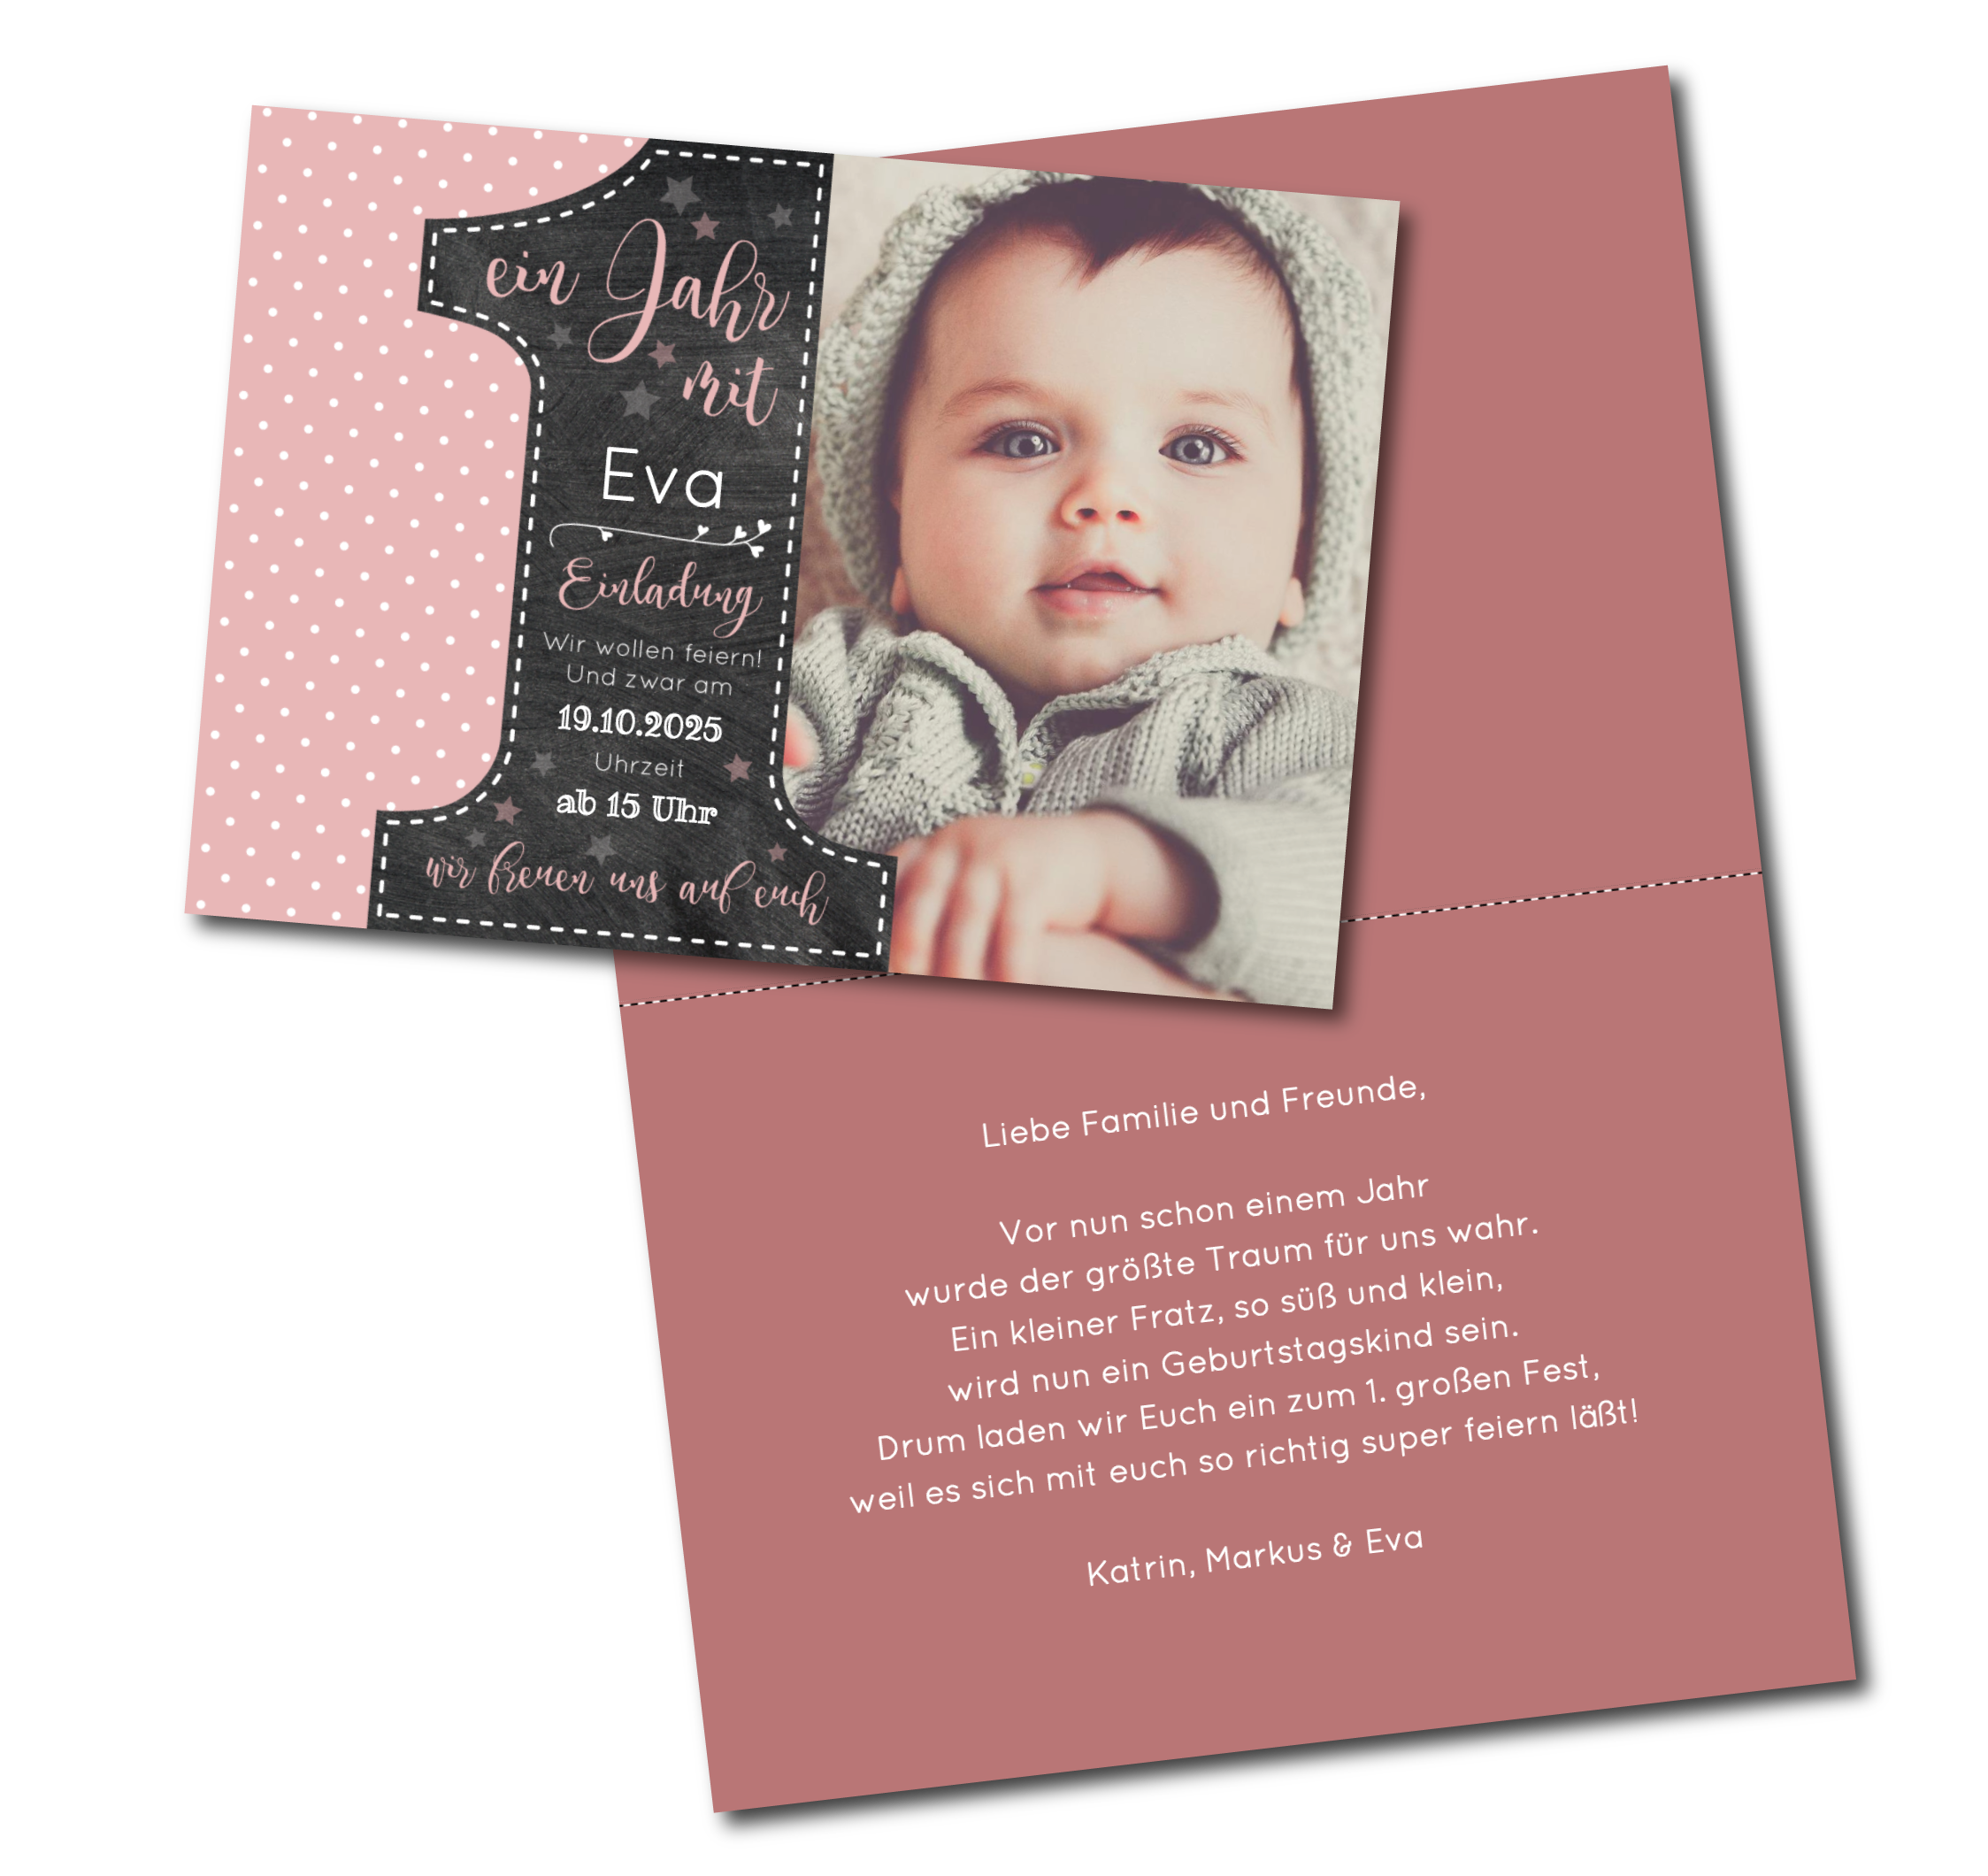 Einladungstexte Zum 1 Geburtstag Einladunggeburtstagsfeierde